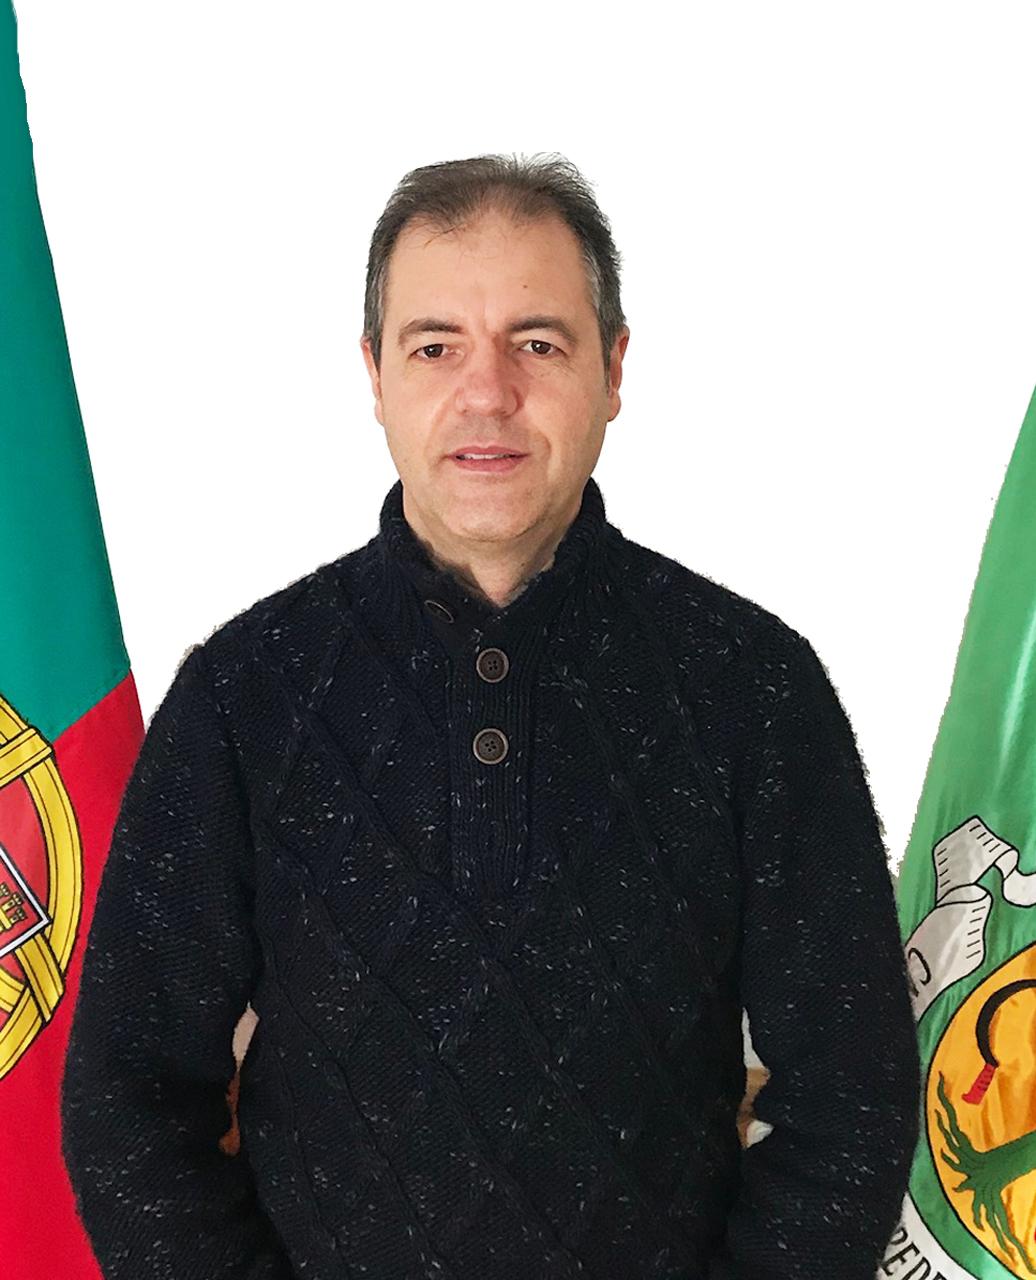 Rui António da Costa Vieira